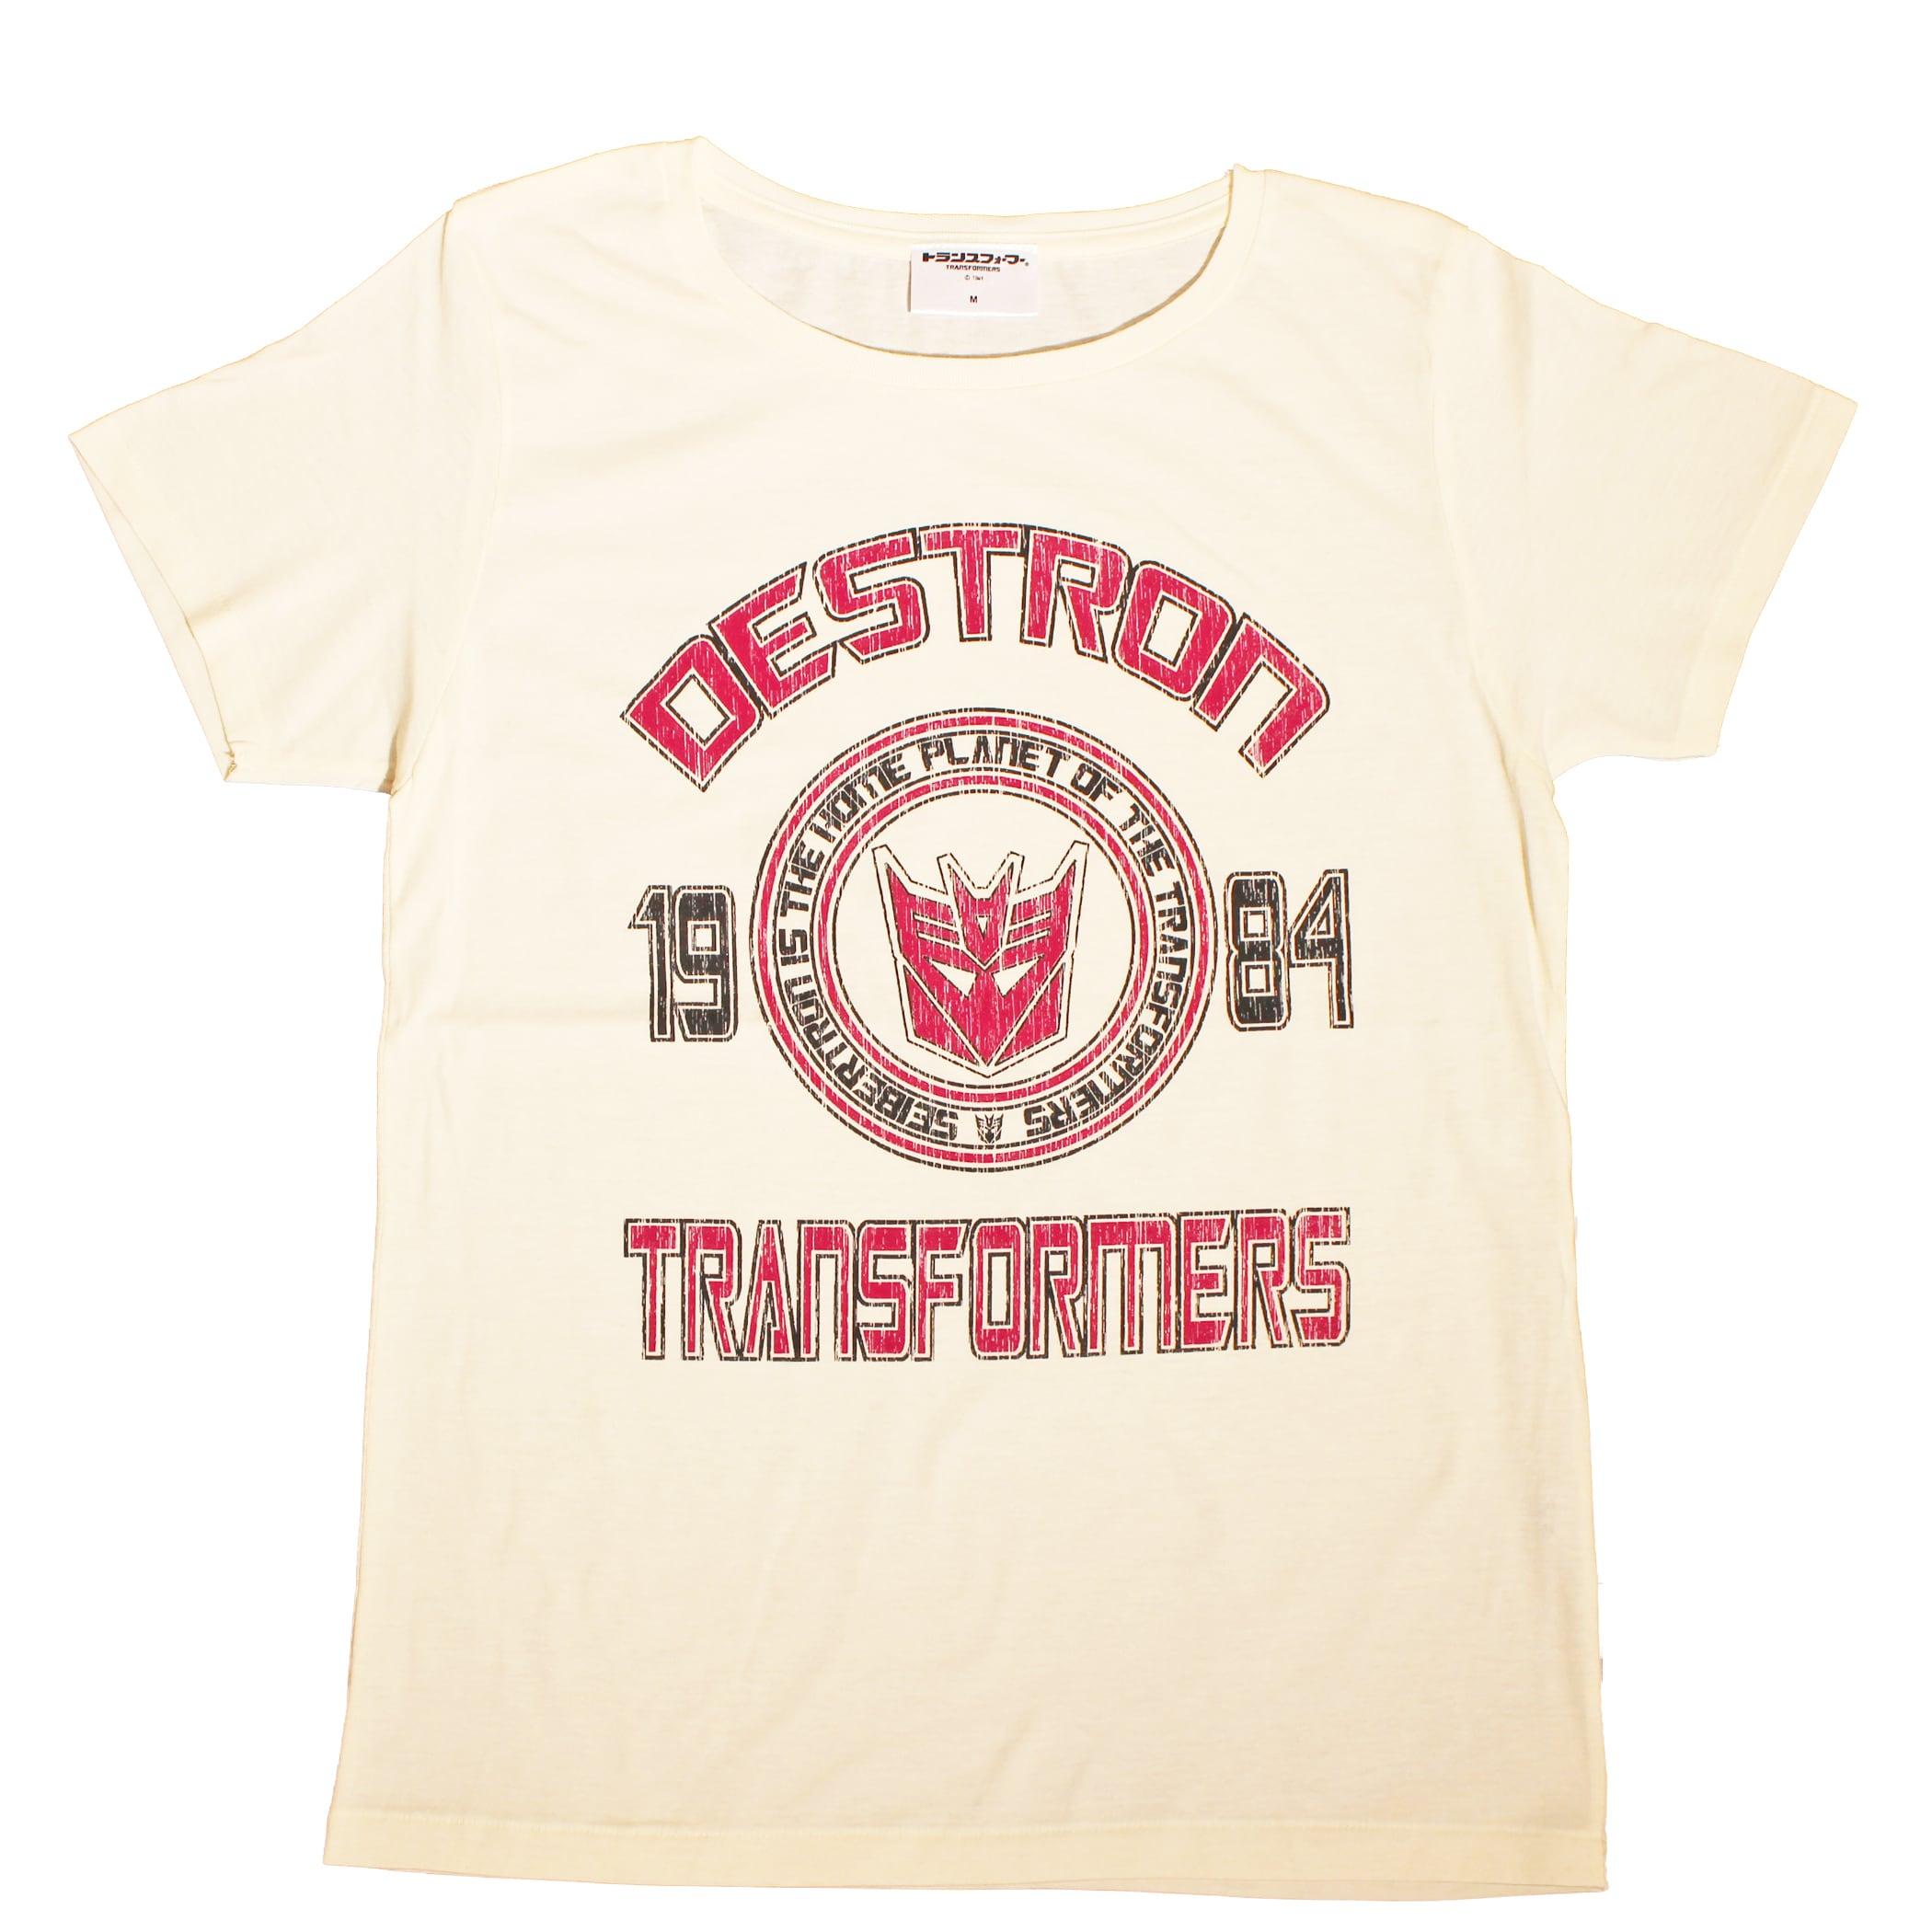 【トランスフォーマー】戦え!超ロボット生命体トランスフォーマー|デストロンエンブレムベースボールデザイン Tシャツ